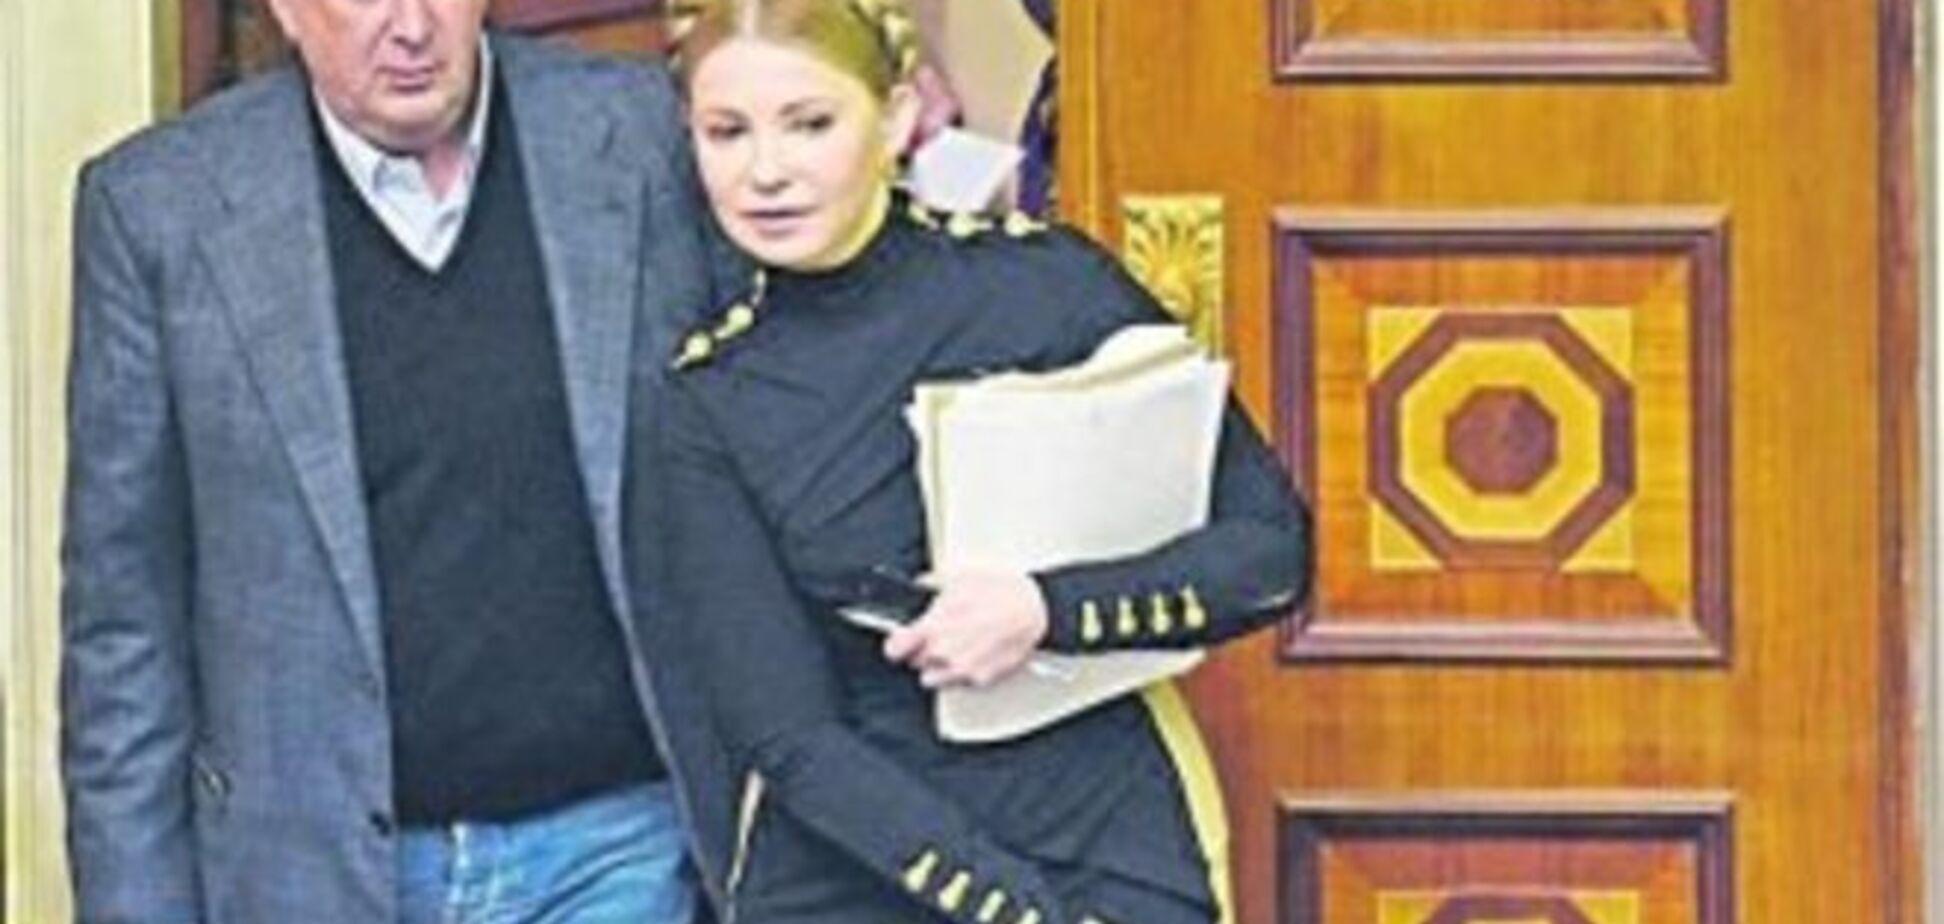 Совсем поизносились: депутаты-модницы жалуются на тотальную экономию - фото из Рады